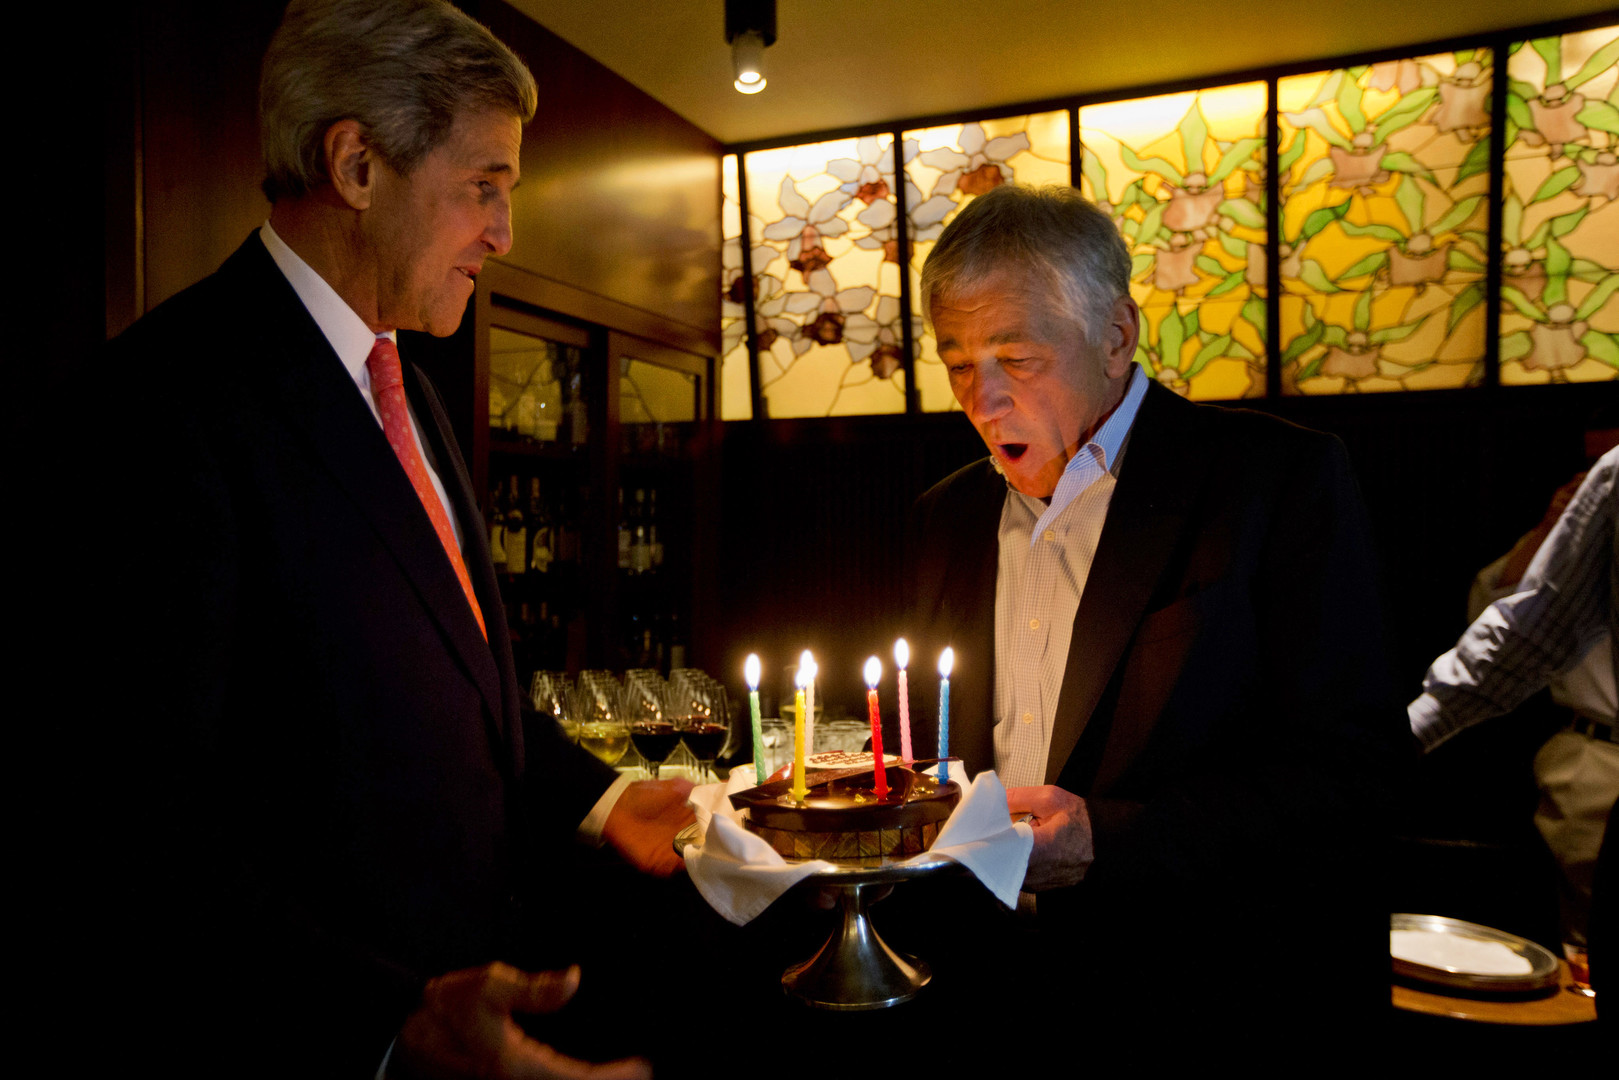 Gute Freunde: John Kerry und Chuck Hagel kämpften in Vietnam und entwickelten sich später zu Kriegsgegnern. Hier überreicht der Außenminister seinem Kollegen eine Geburtstagstorte in Japan, Tokyo, Oktober 2013.